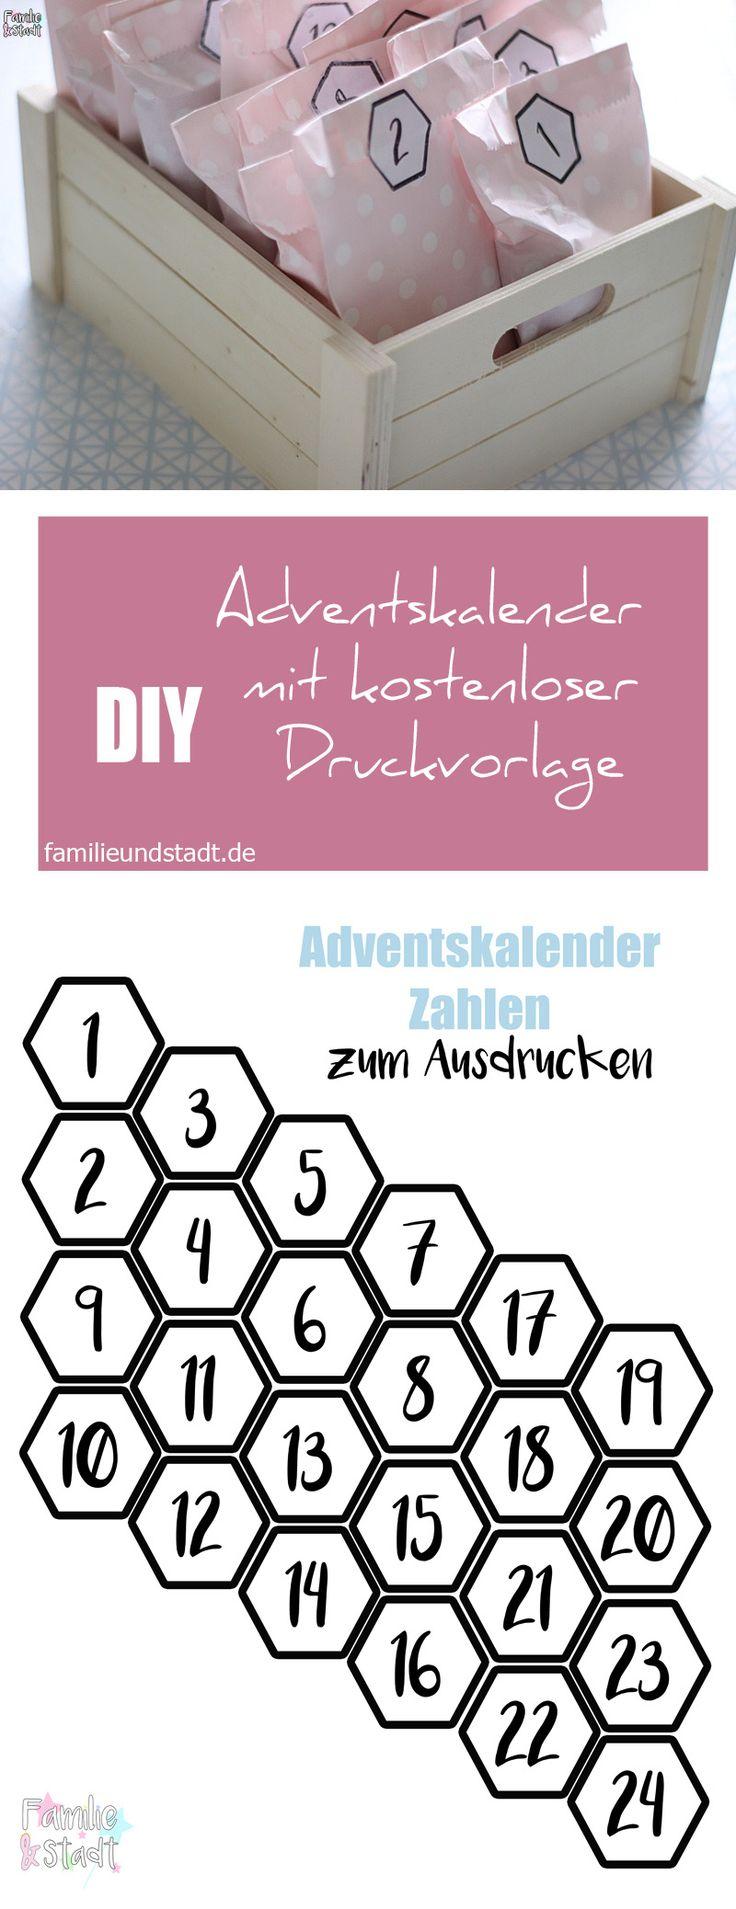 Adventskalender für 2 Jährige mit MIFUS Werbung